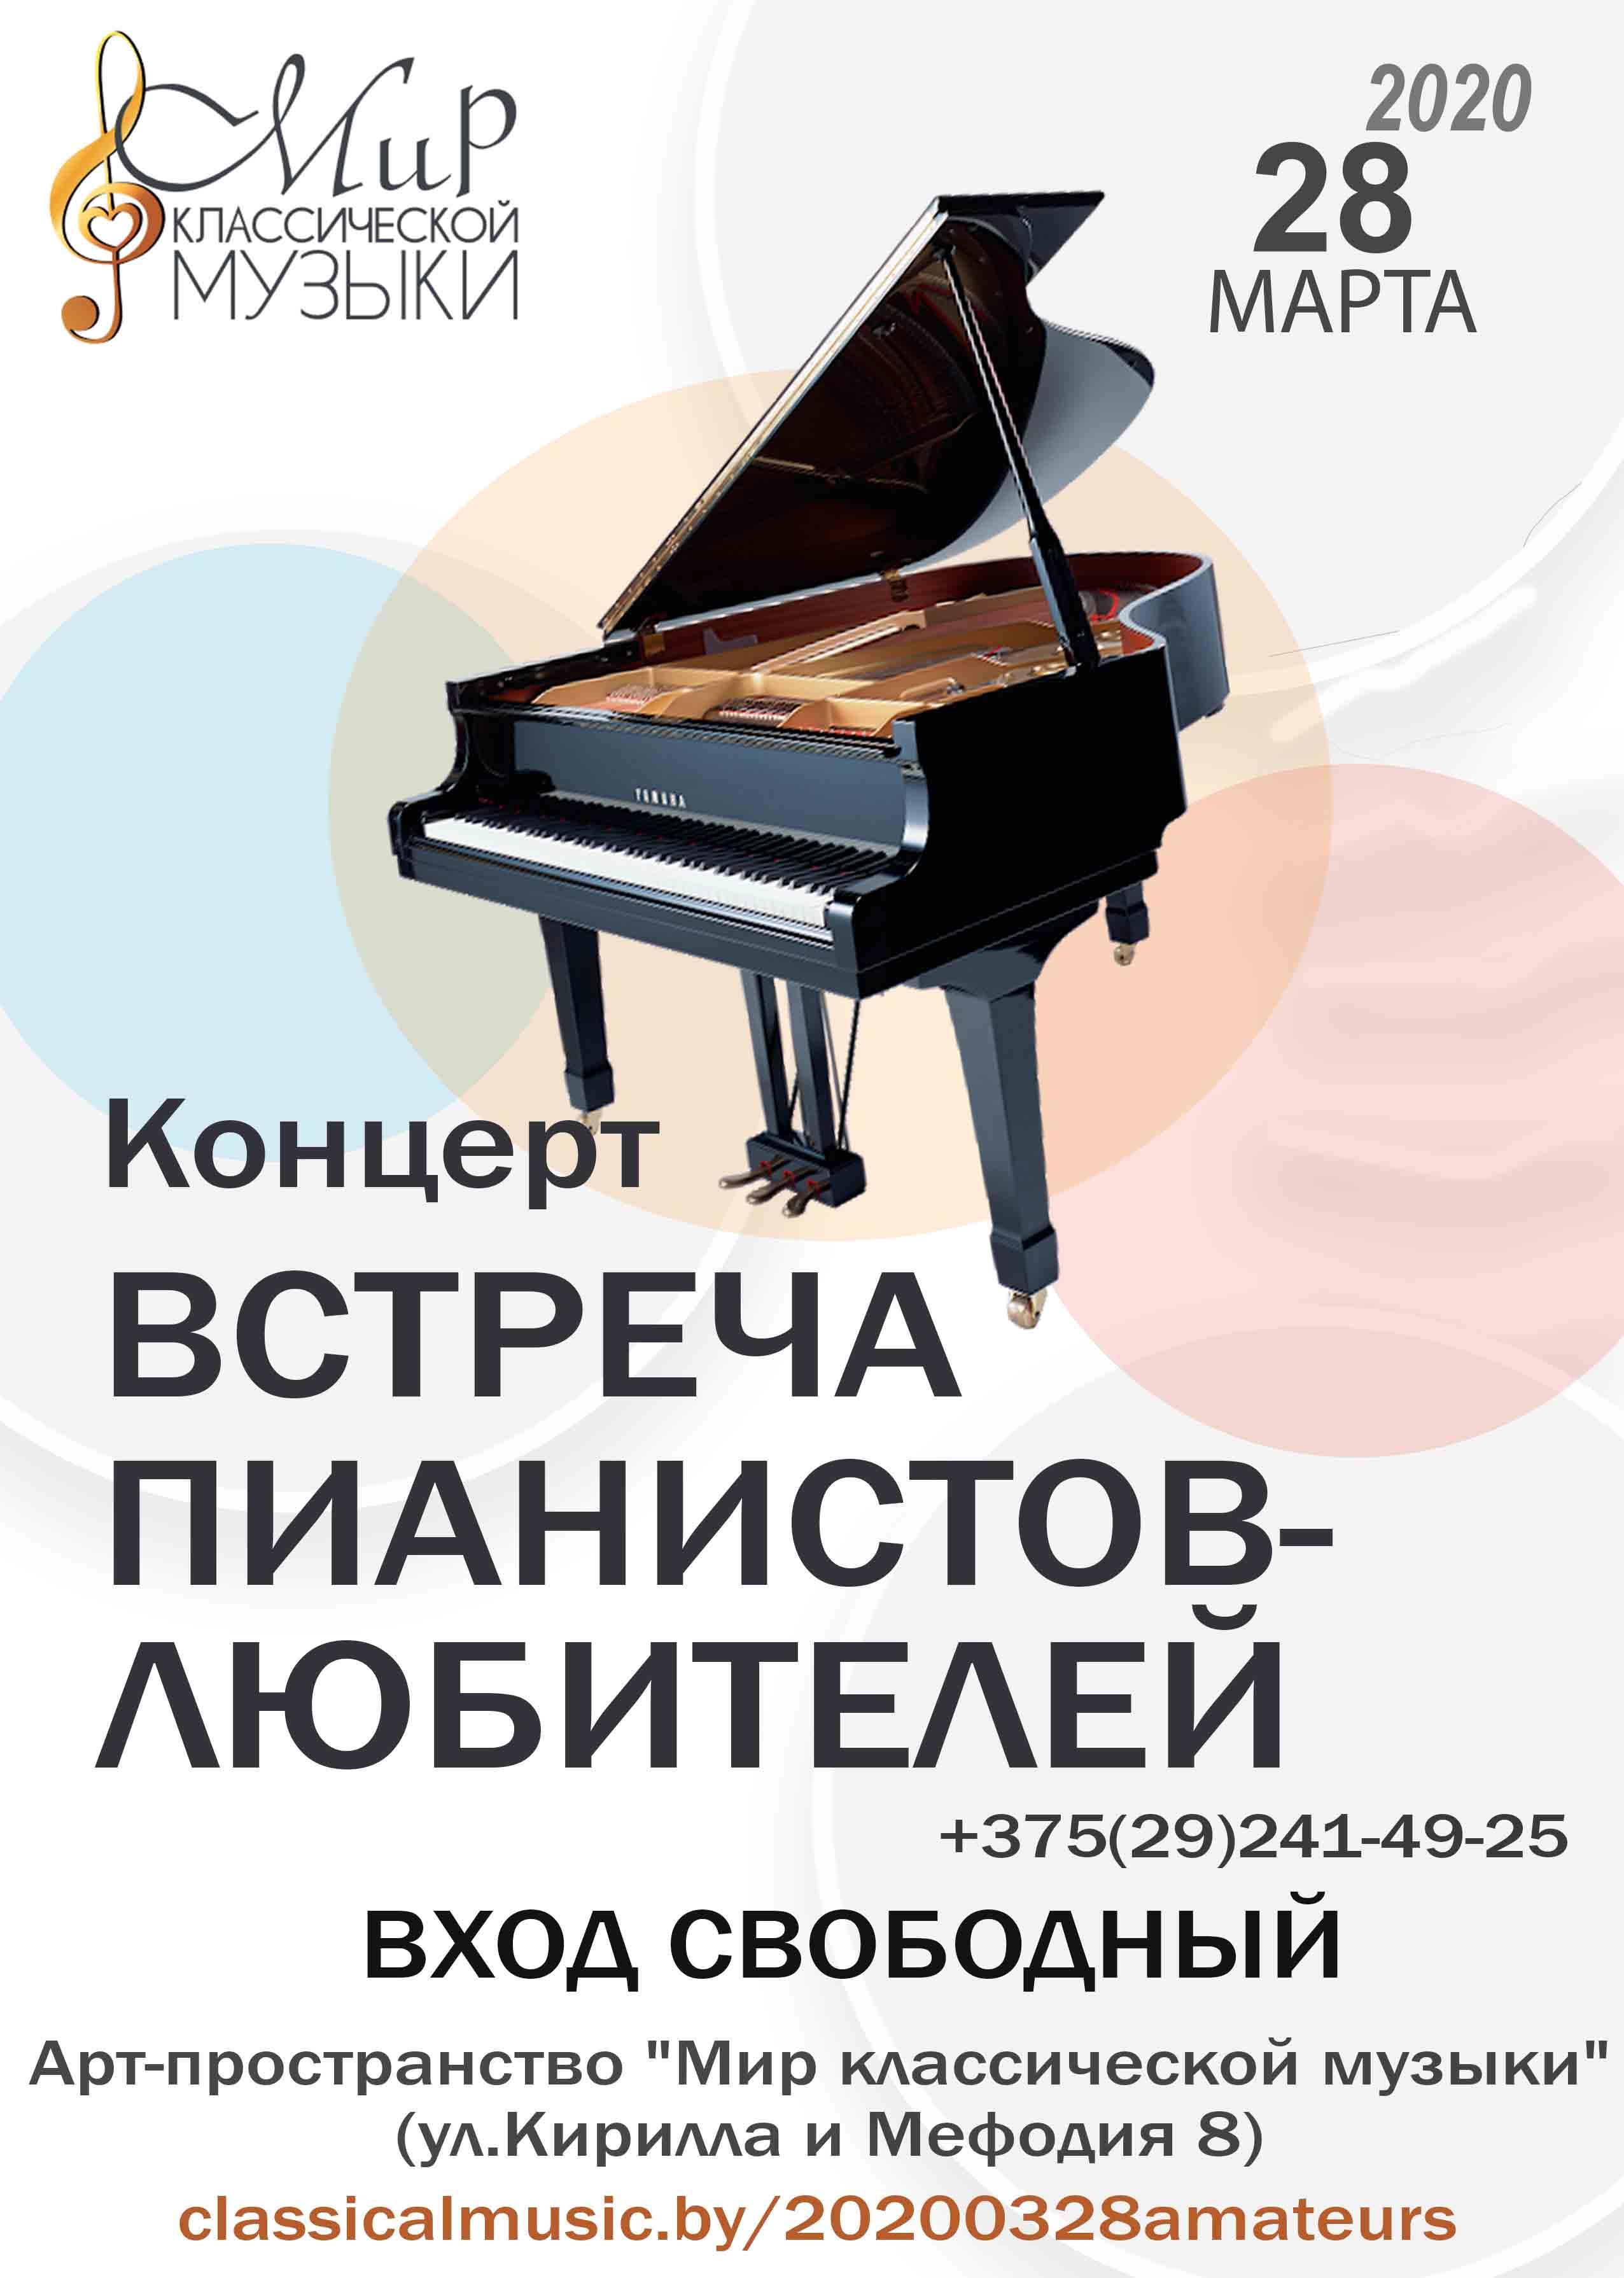 28.03 Приглашаем на встречу пианистов-любителей.